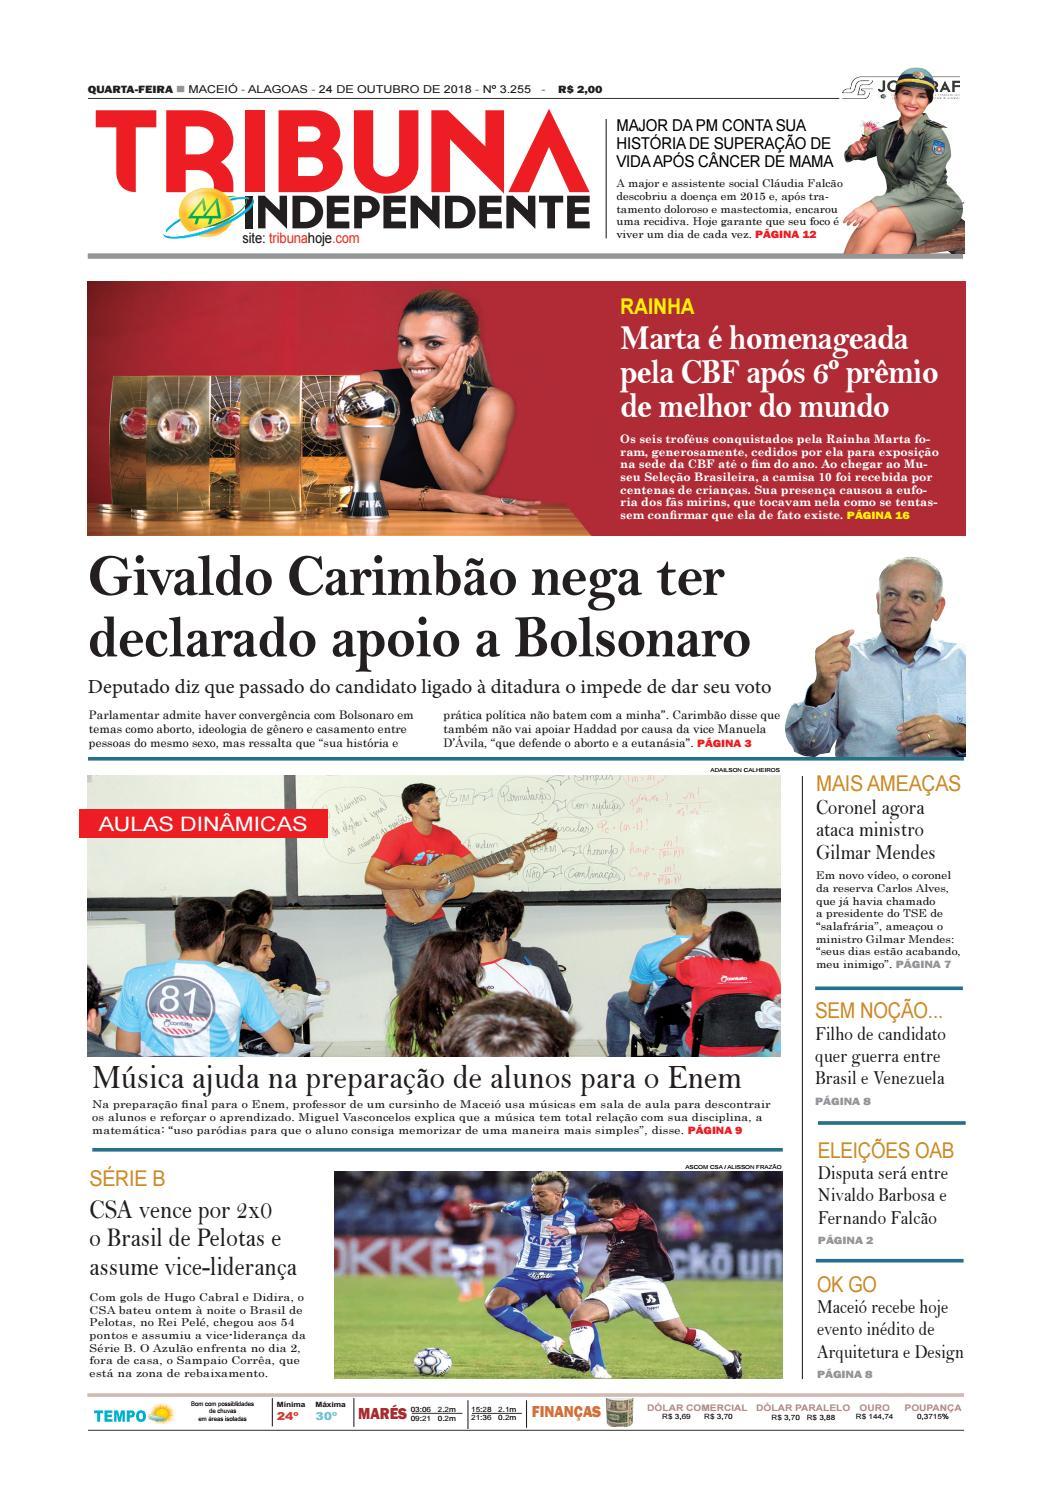 2bf51e9dea Edição número 3255 - 24 de outubro de 2018 by Tribuna Hoje - issuu